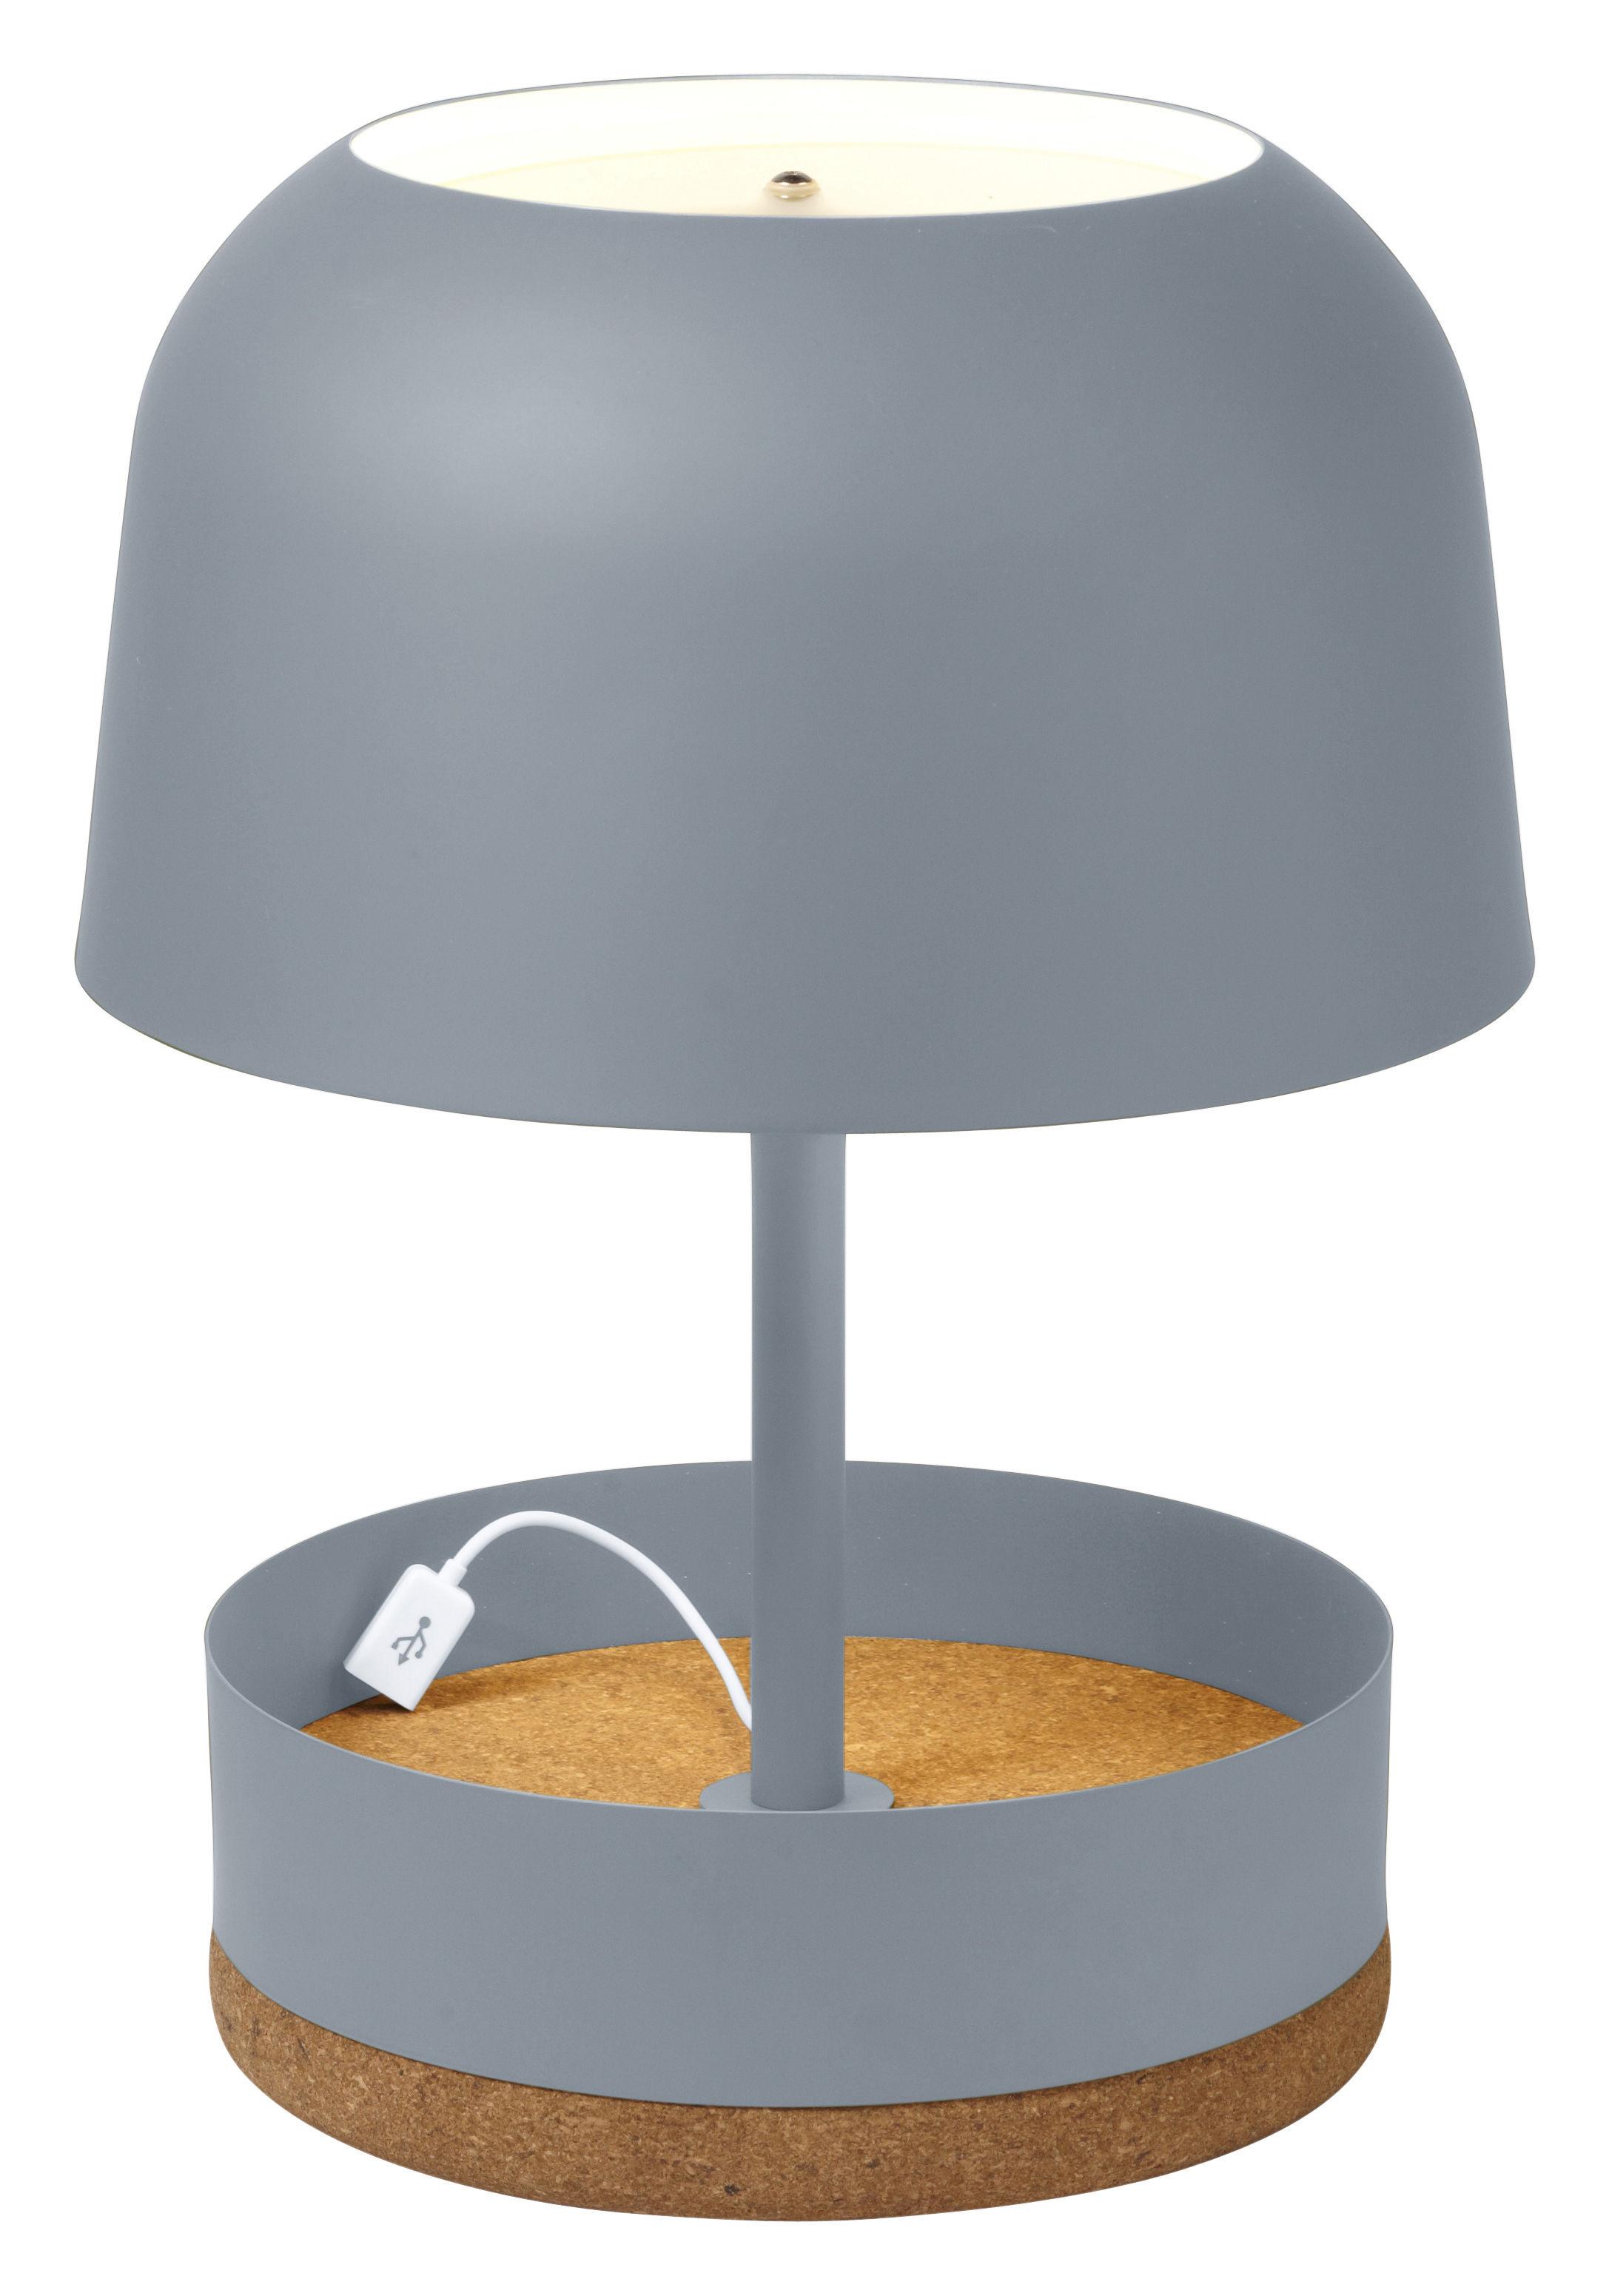 Leuchten - Tischleuchten - Hodge-Podge USB Tischleuchte / mit integriertem USB-Port - H 39,5 cm - Forestier - Grau - lackiertes Metall